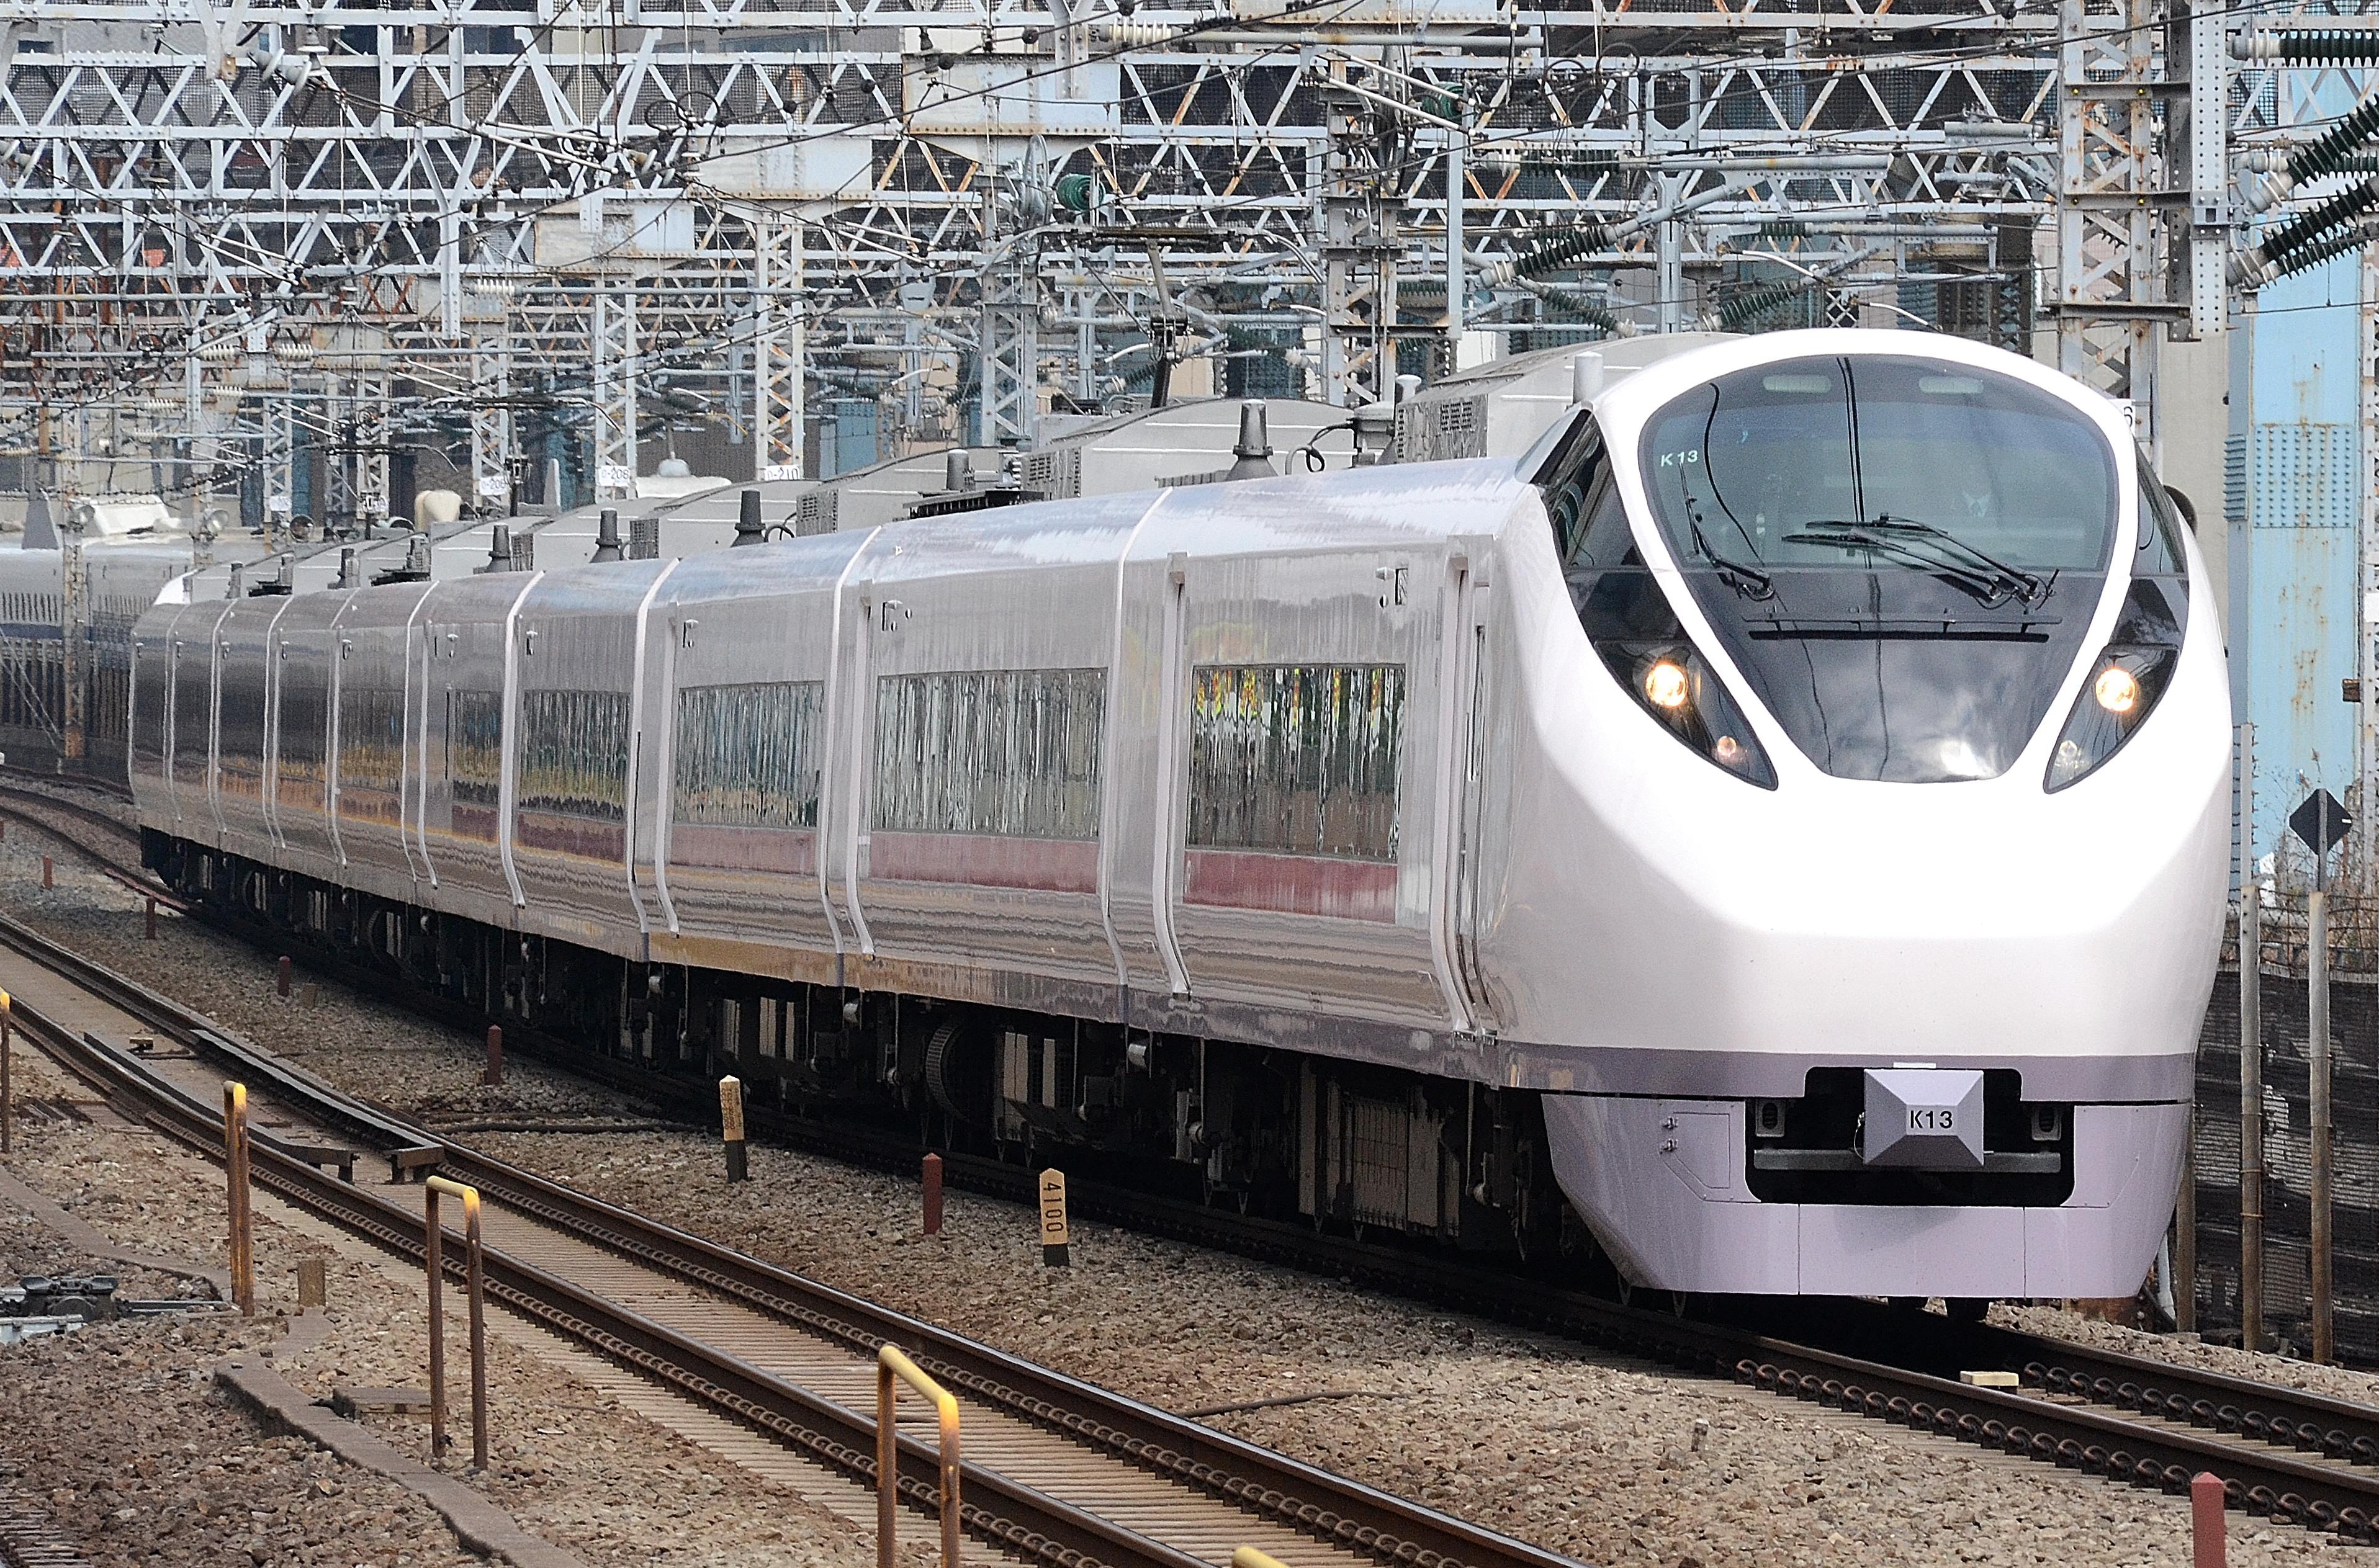 https://upload.wikimedia.org/wikipedia/commons/e/ec/Ueno_tokyo_line_E657.JPG